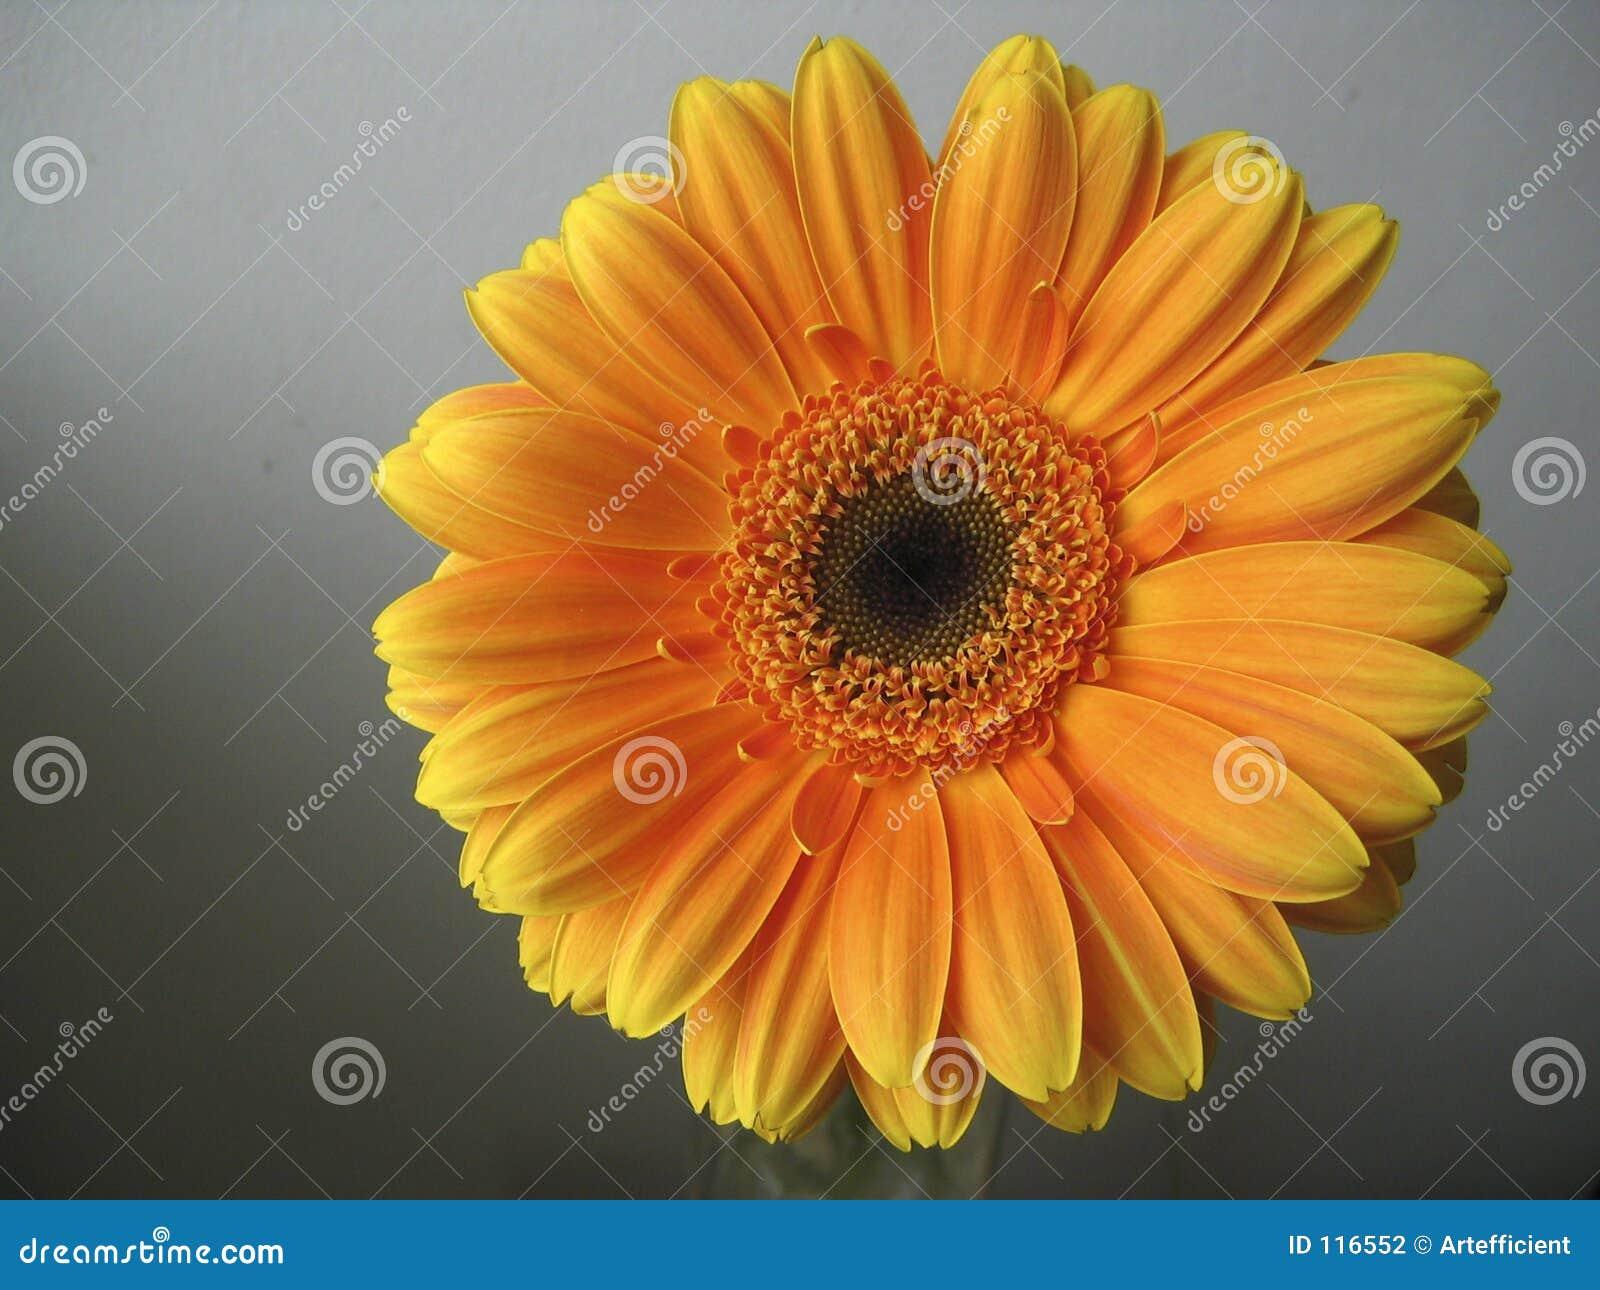 Close Up Yellow Gerbera Flower Stock Photography